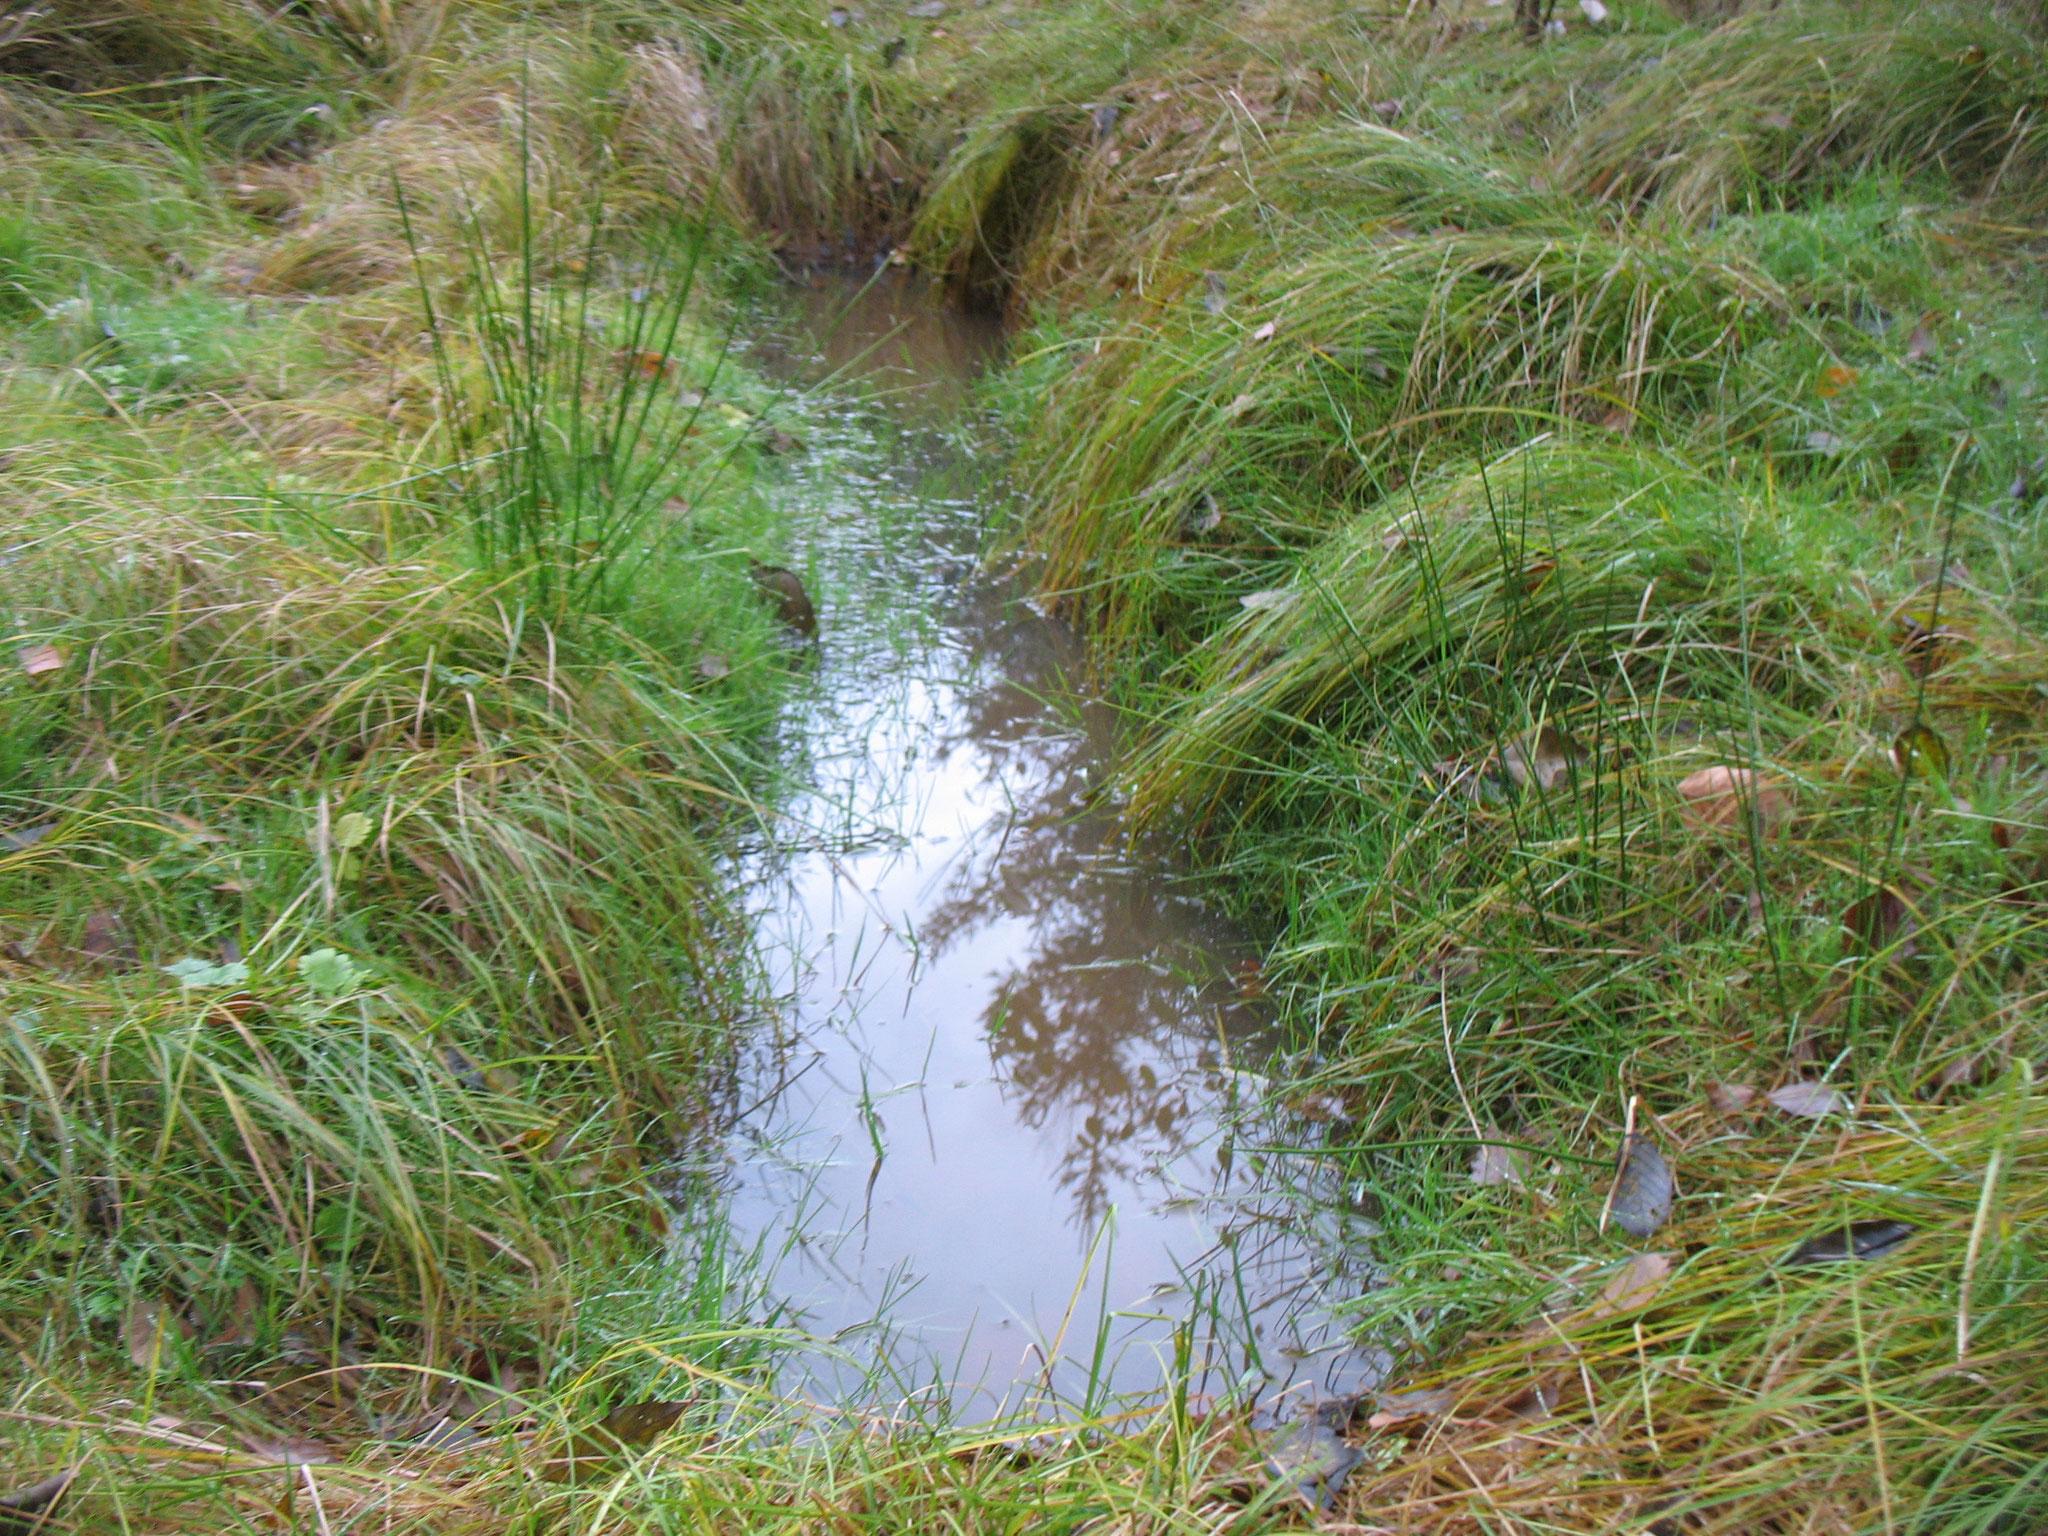 Noch im selben Jahr kaum mehr von einem natürlichen Biotop zu unterscheiden